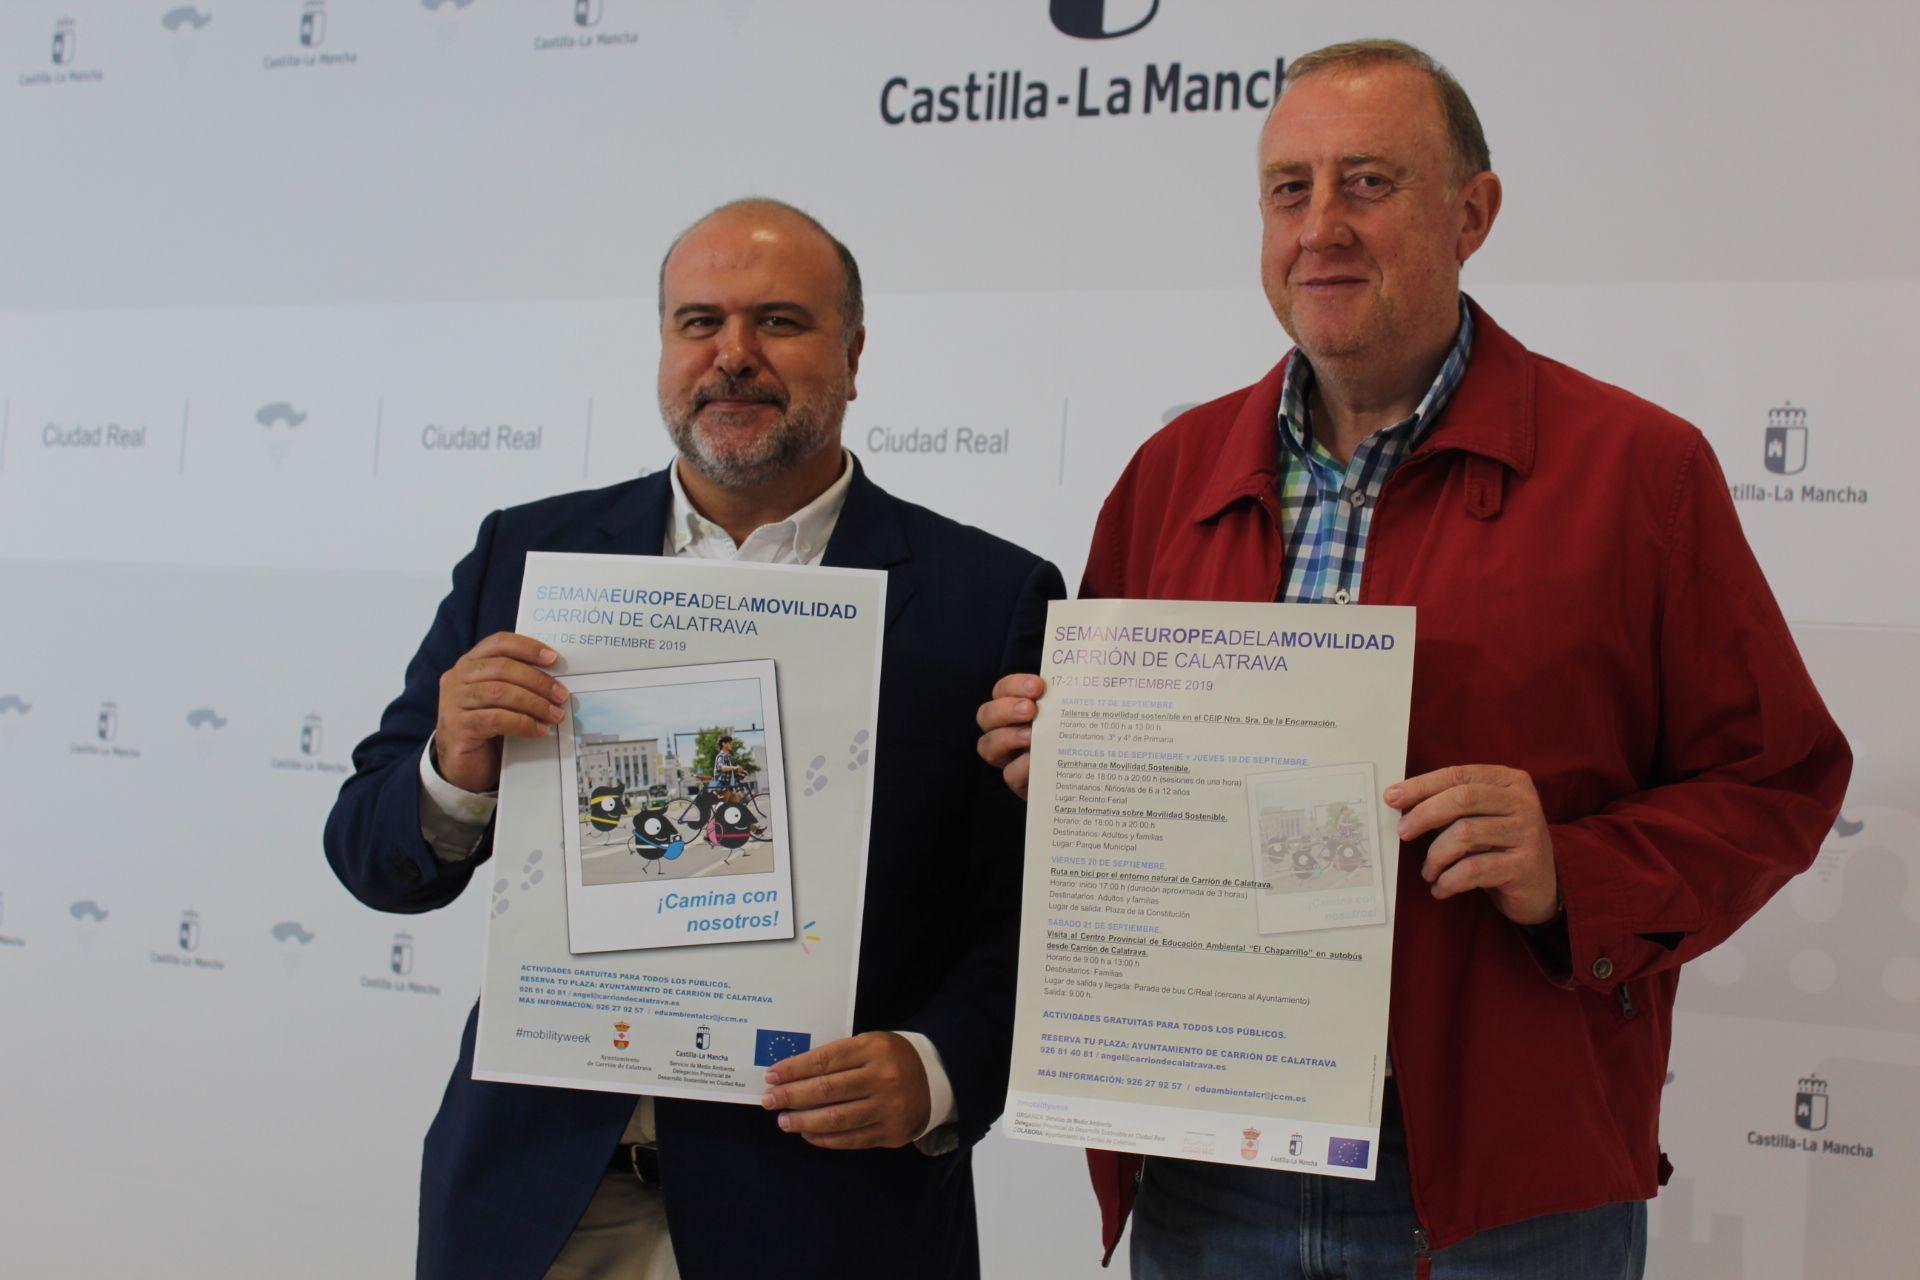 El Gobierno de C-LM anima a la ciudadanía a escoger modos de transporte activos al ser beneficioso para la salud y la mejora ambiental de las ciudades